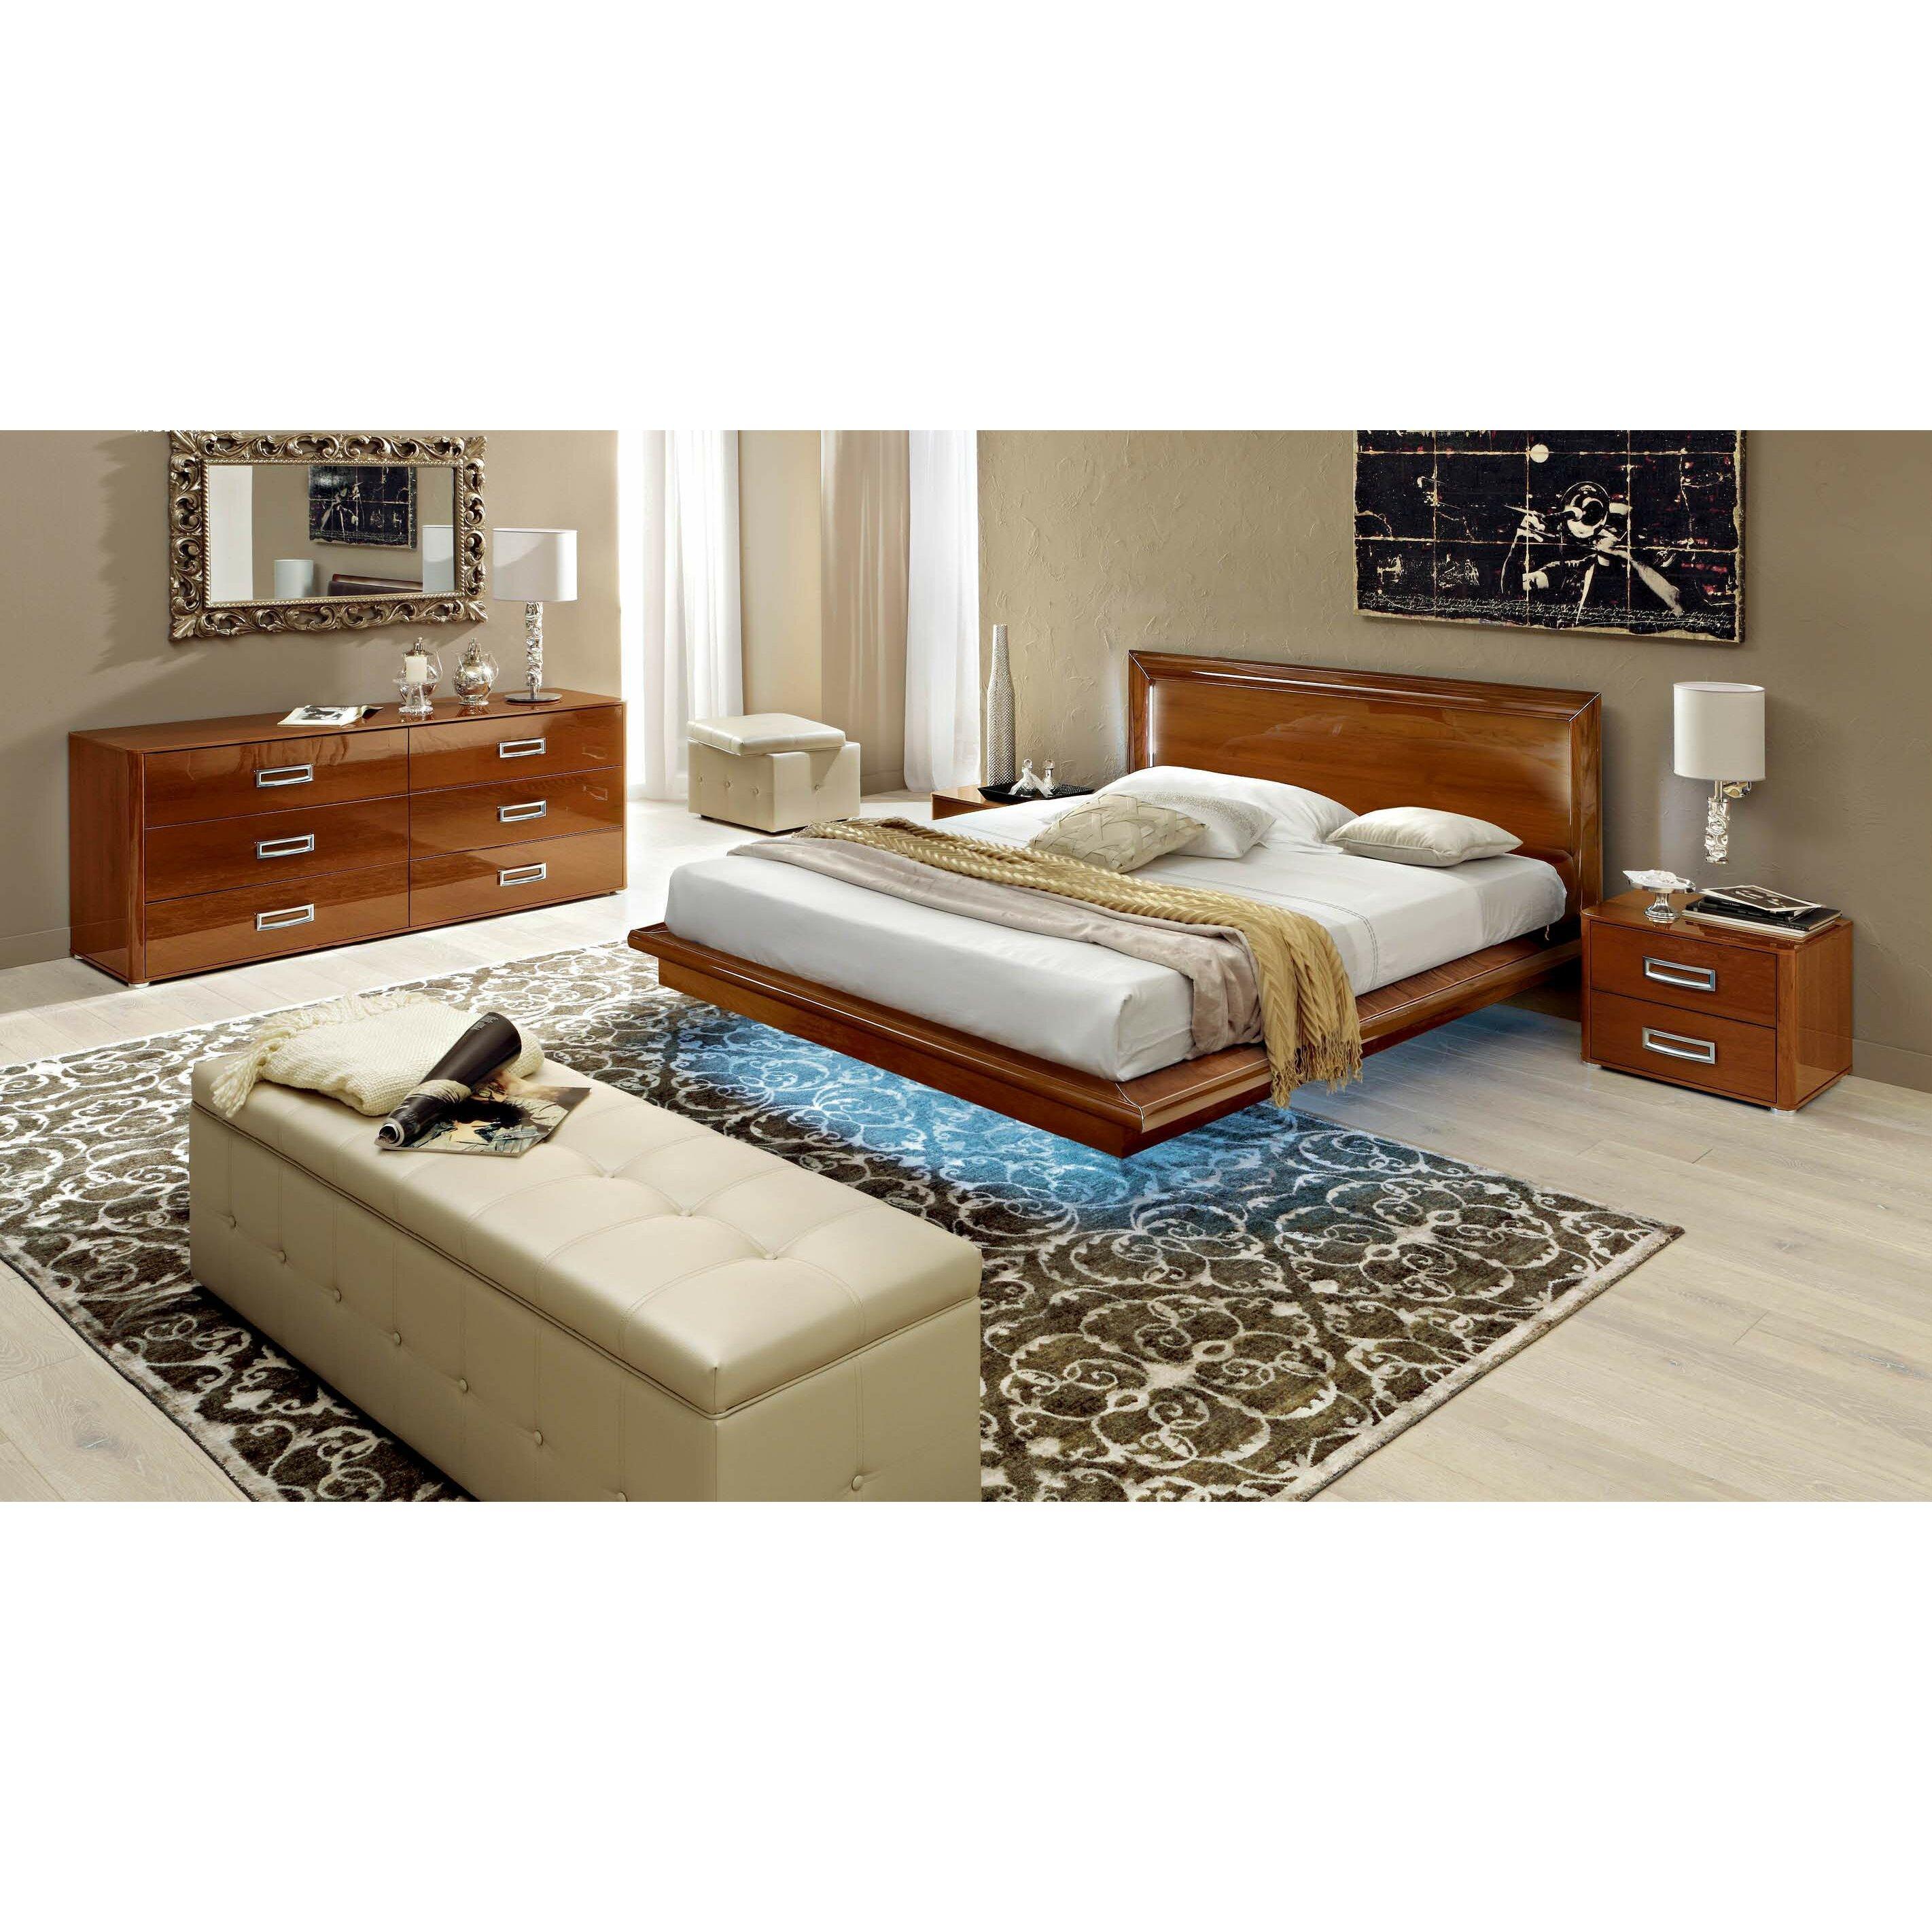 nocidesign panel 3 piece bedroom set wayfair. Black Bedroom Furniture Sets. Home Design Ideas